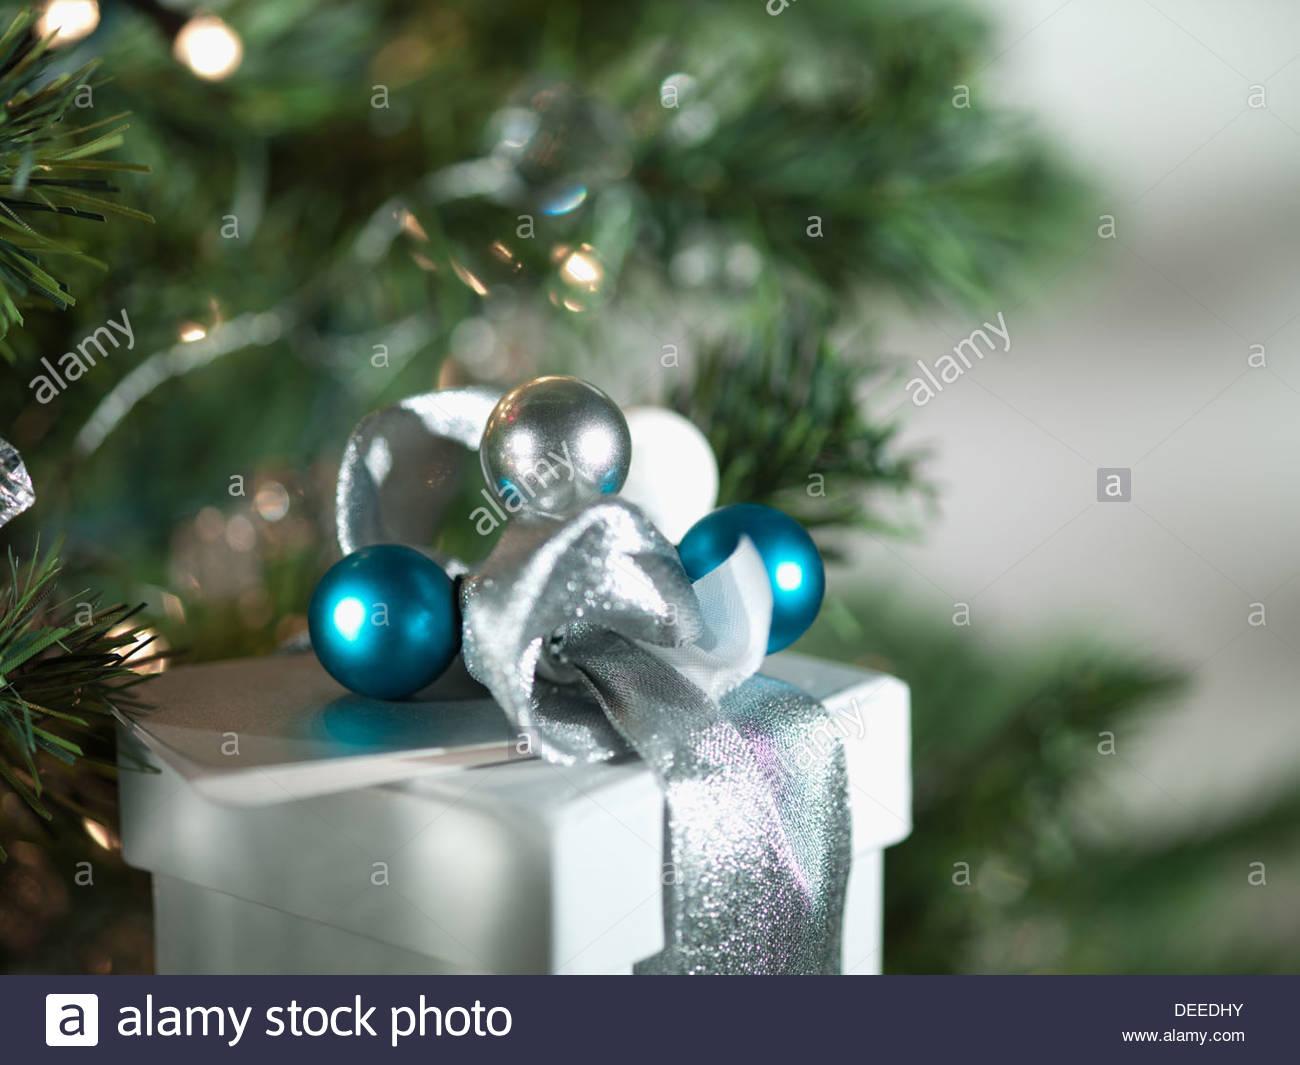 Regalos de Navidad con cinta de plata y envolver Imagen De Stock